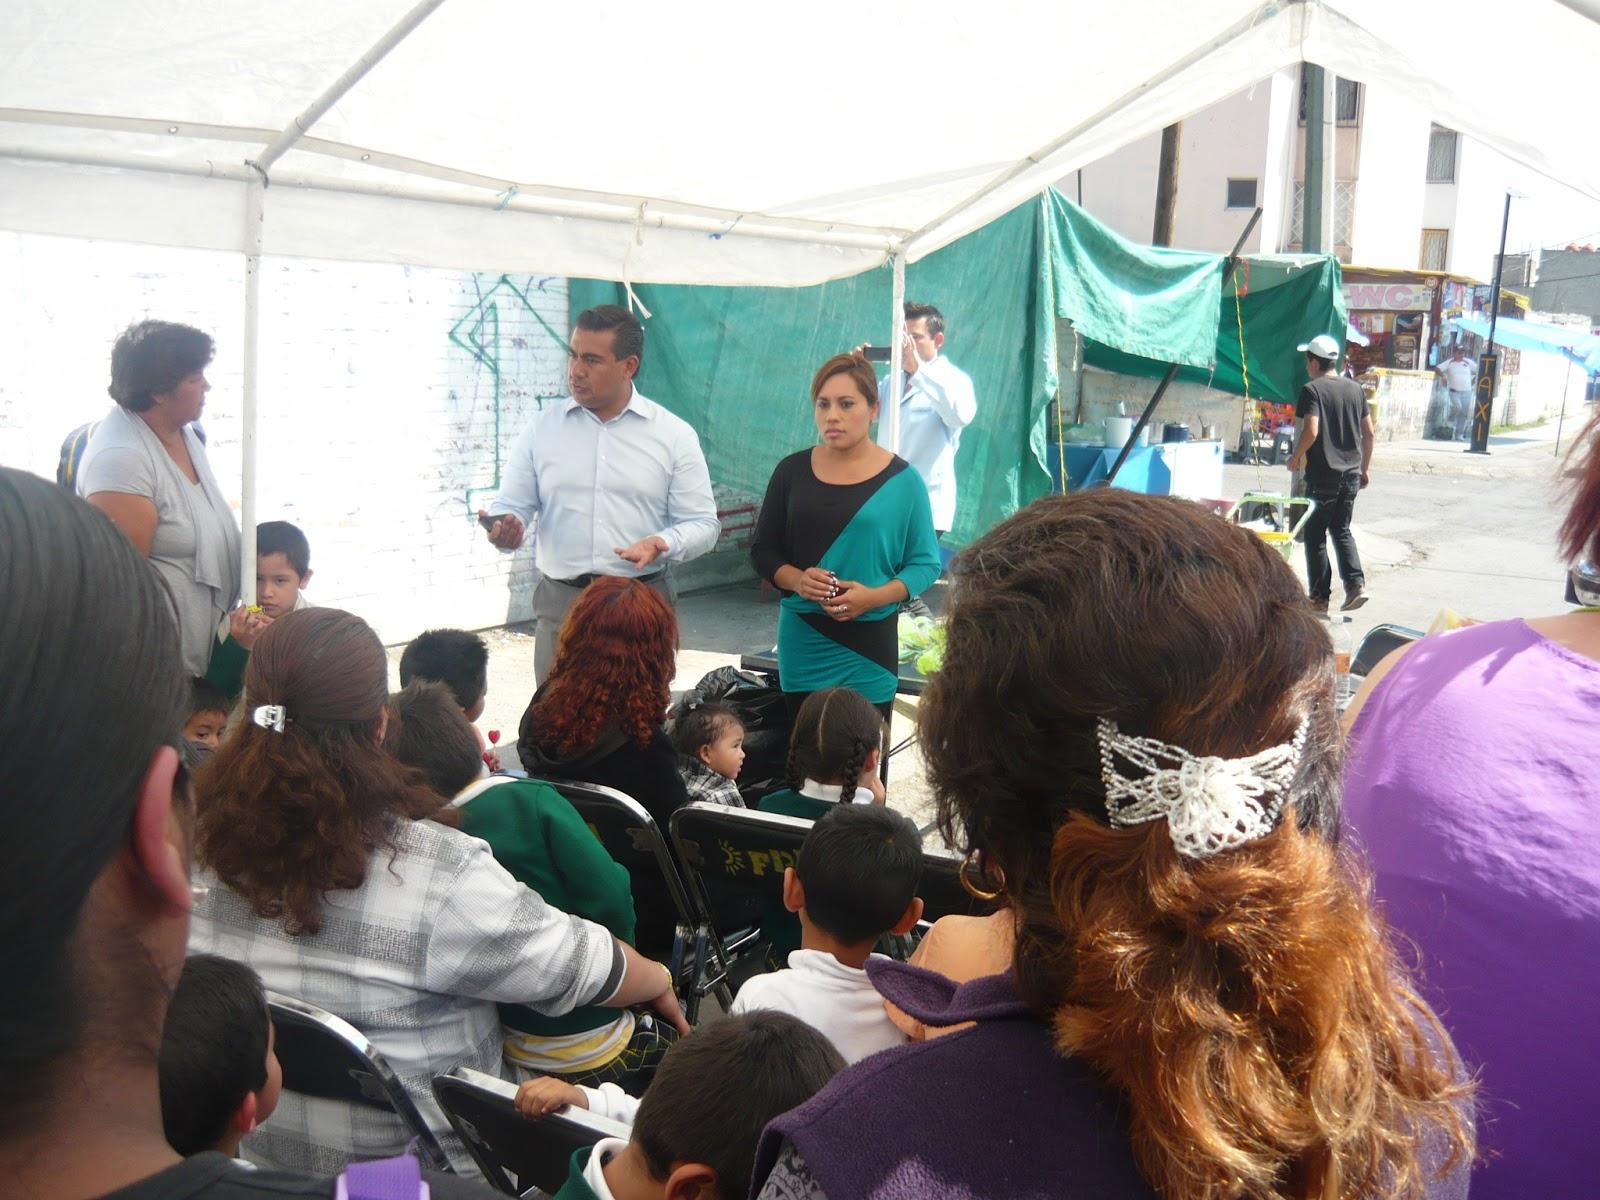 Cronista de ecatepec la comunidad jardines de san gabriel for Jardin 7 hermanos ecatepec